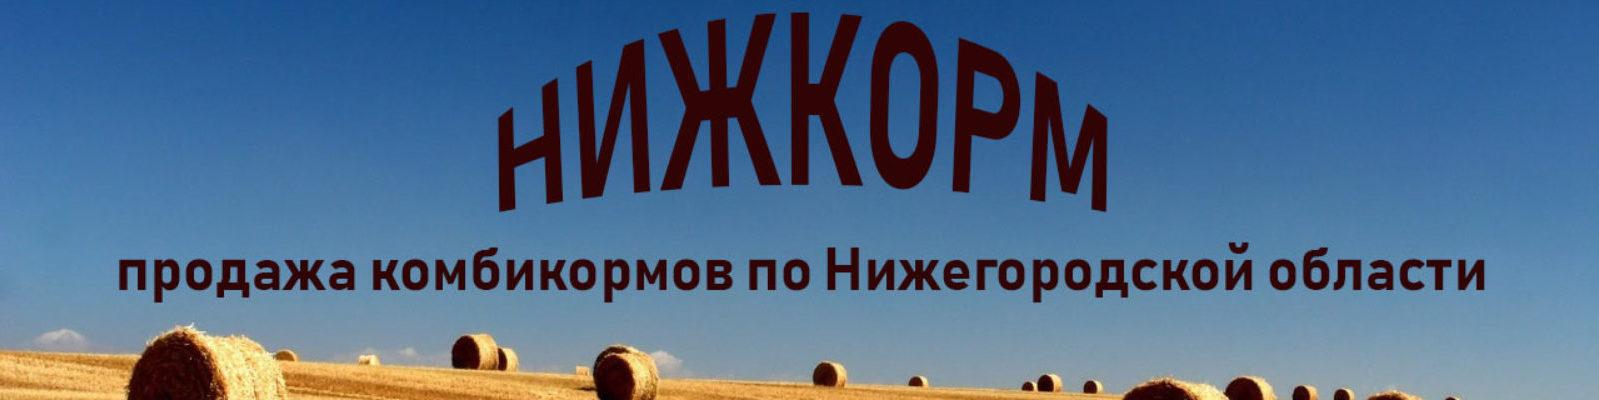 cropped-cropped-2fons.ru-24579-1.jpg